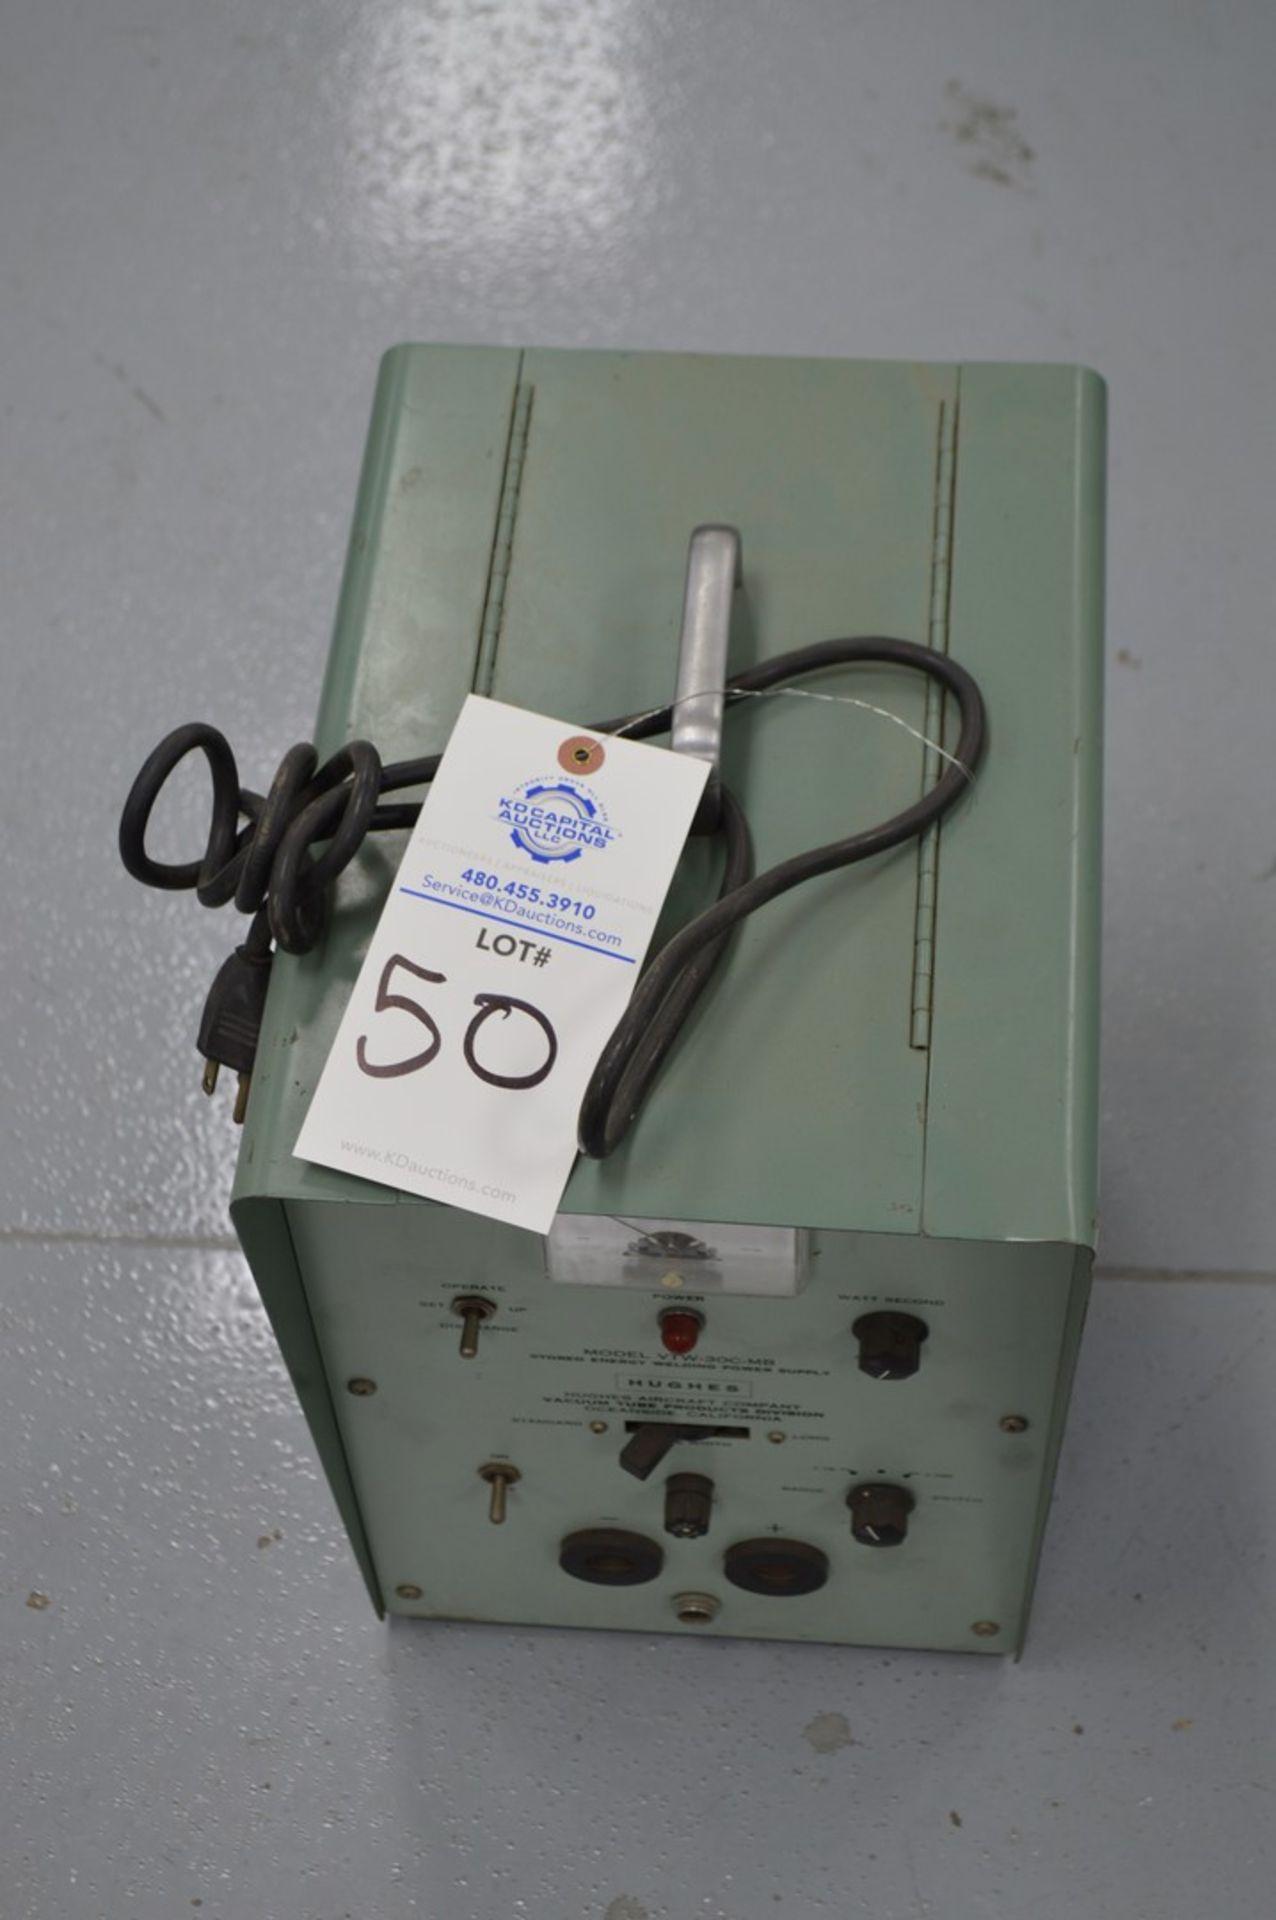 Hughes Model VTW-30C-MB Capacitance discharge spot welder